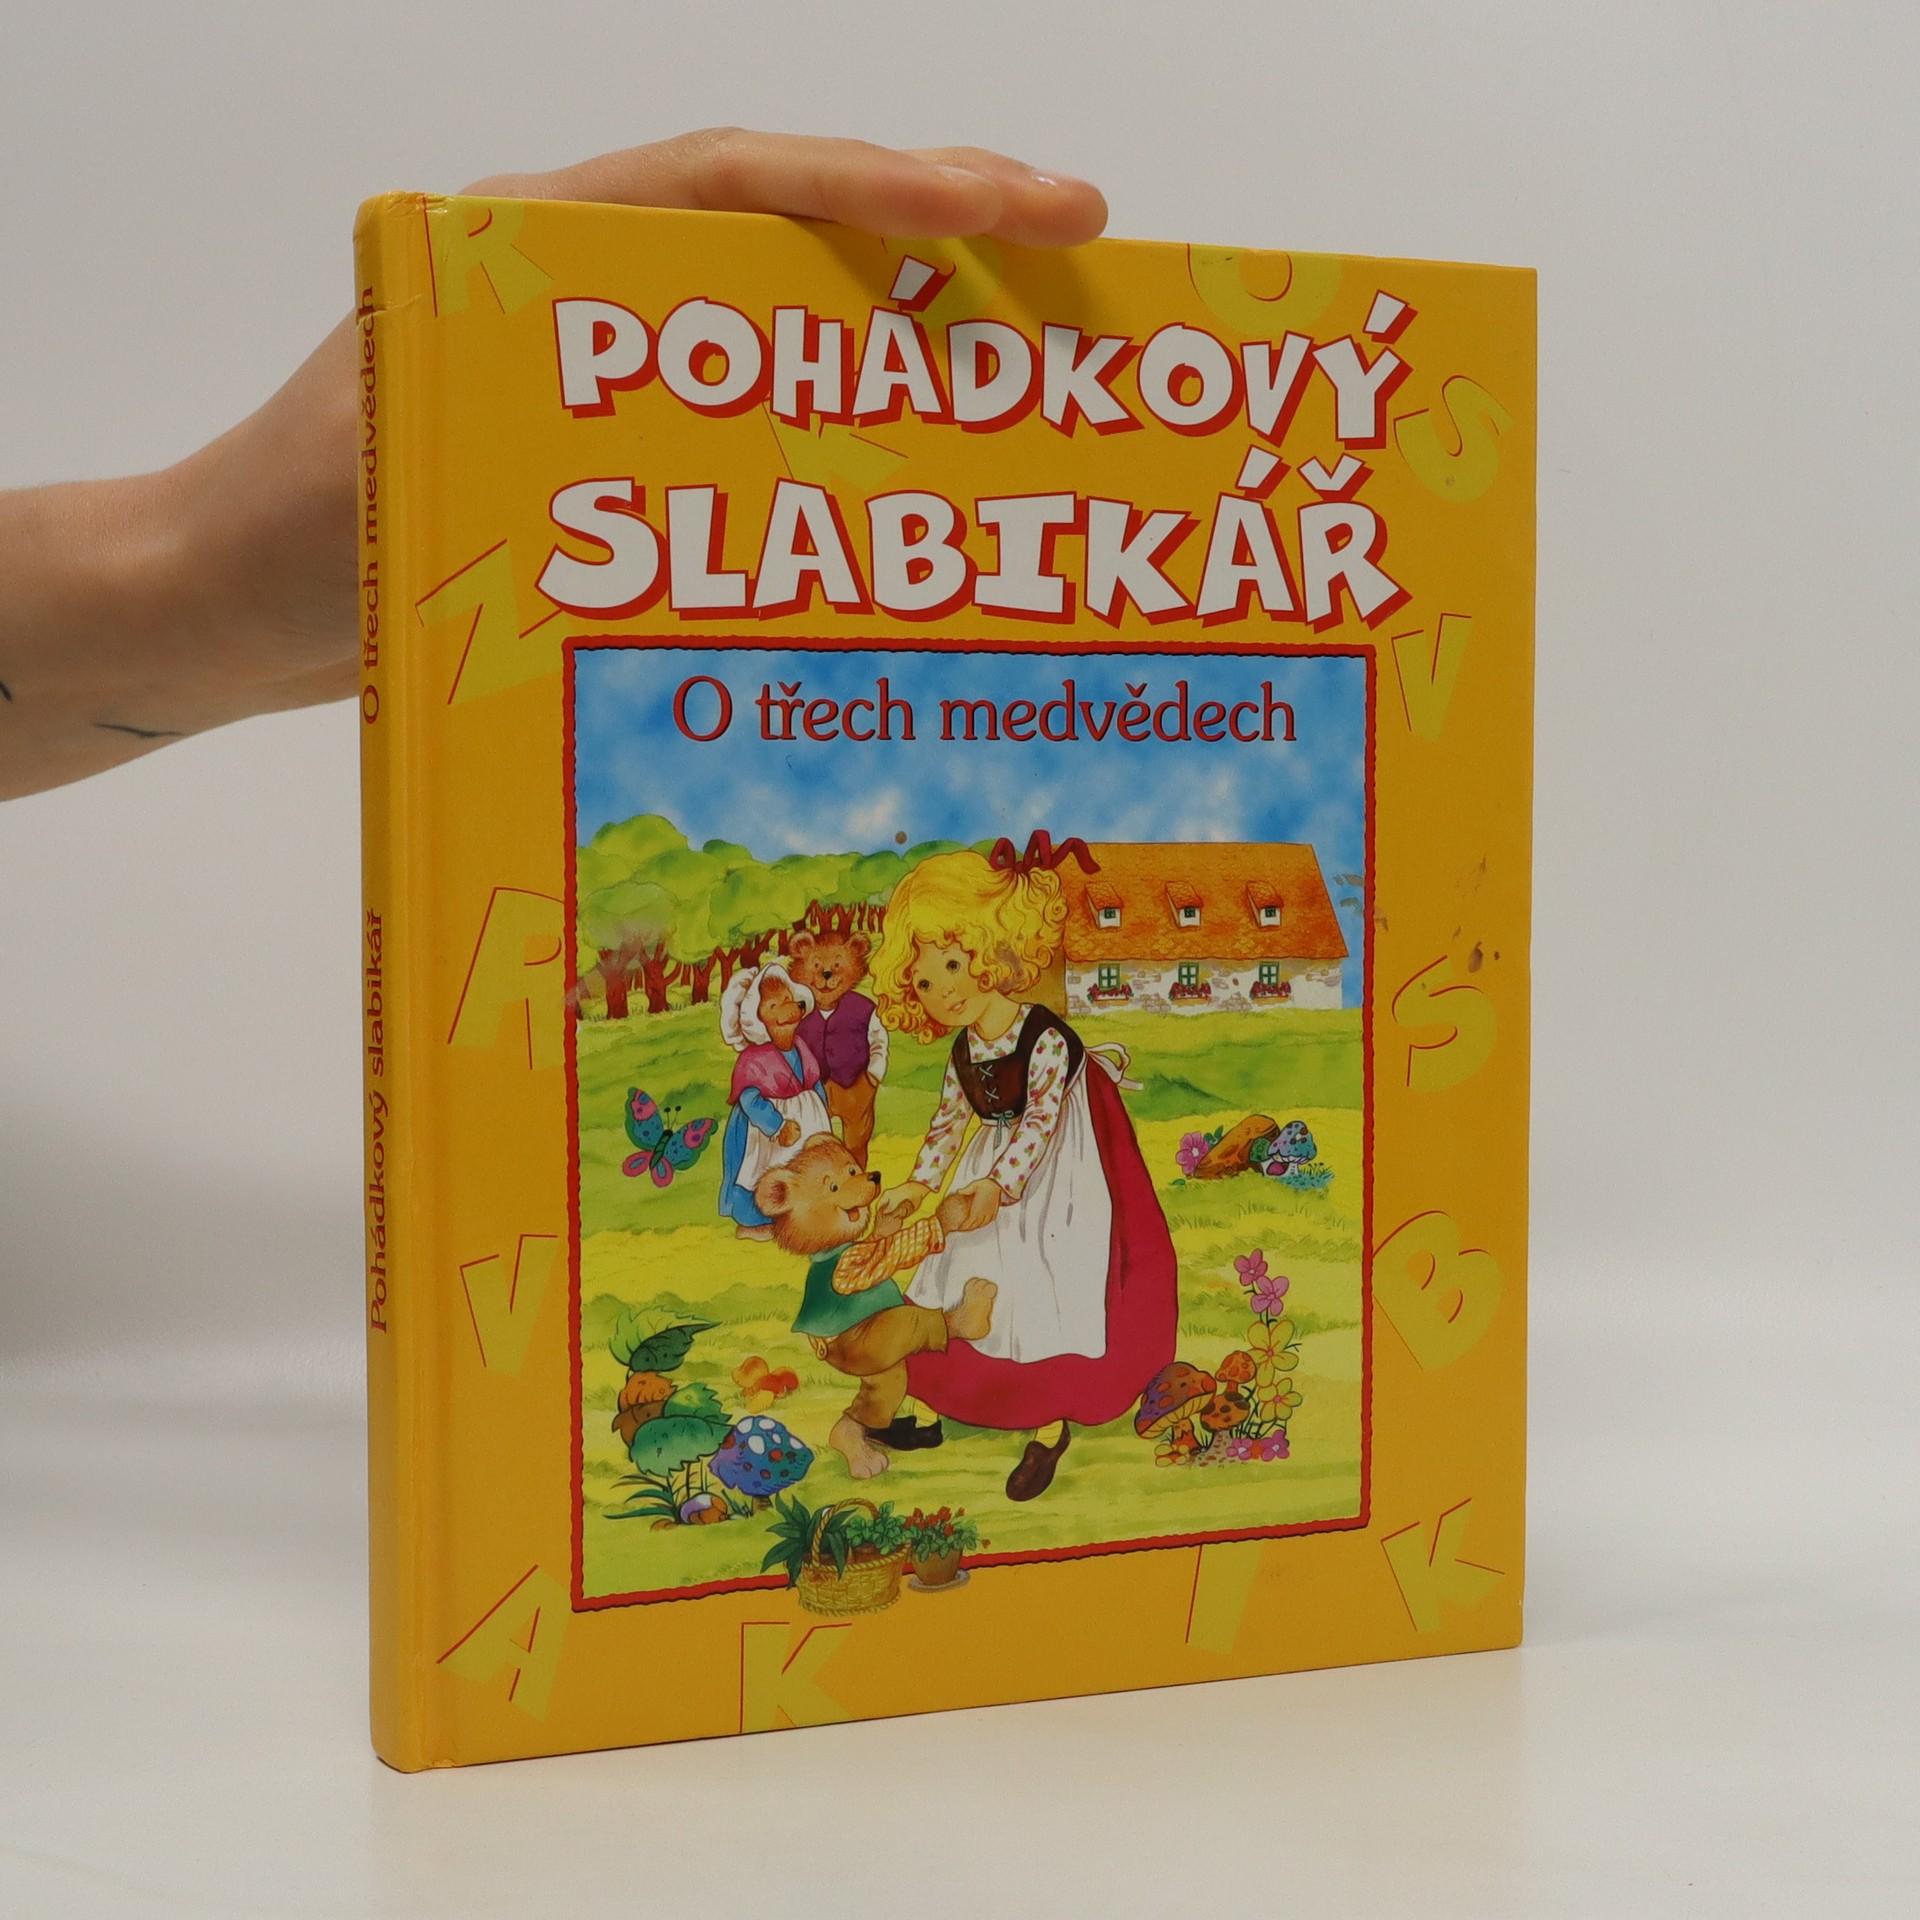 antikvární kniha Pohádkový slabikář. O třech medvědech, 2007